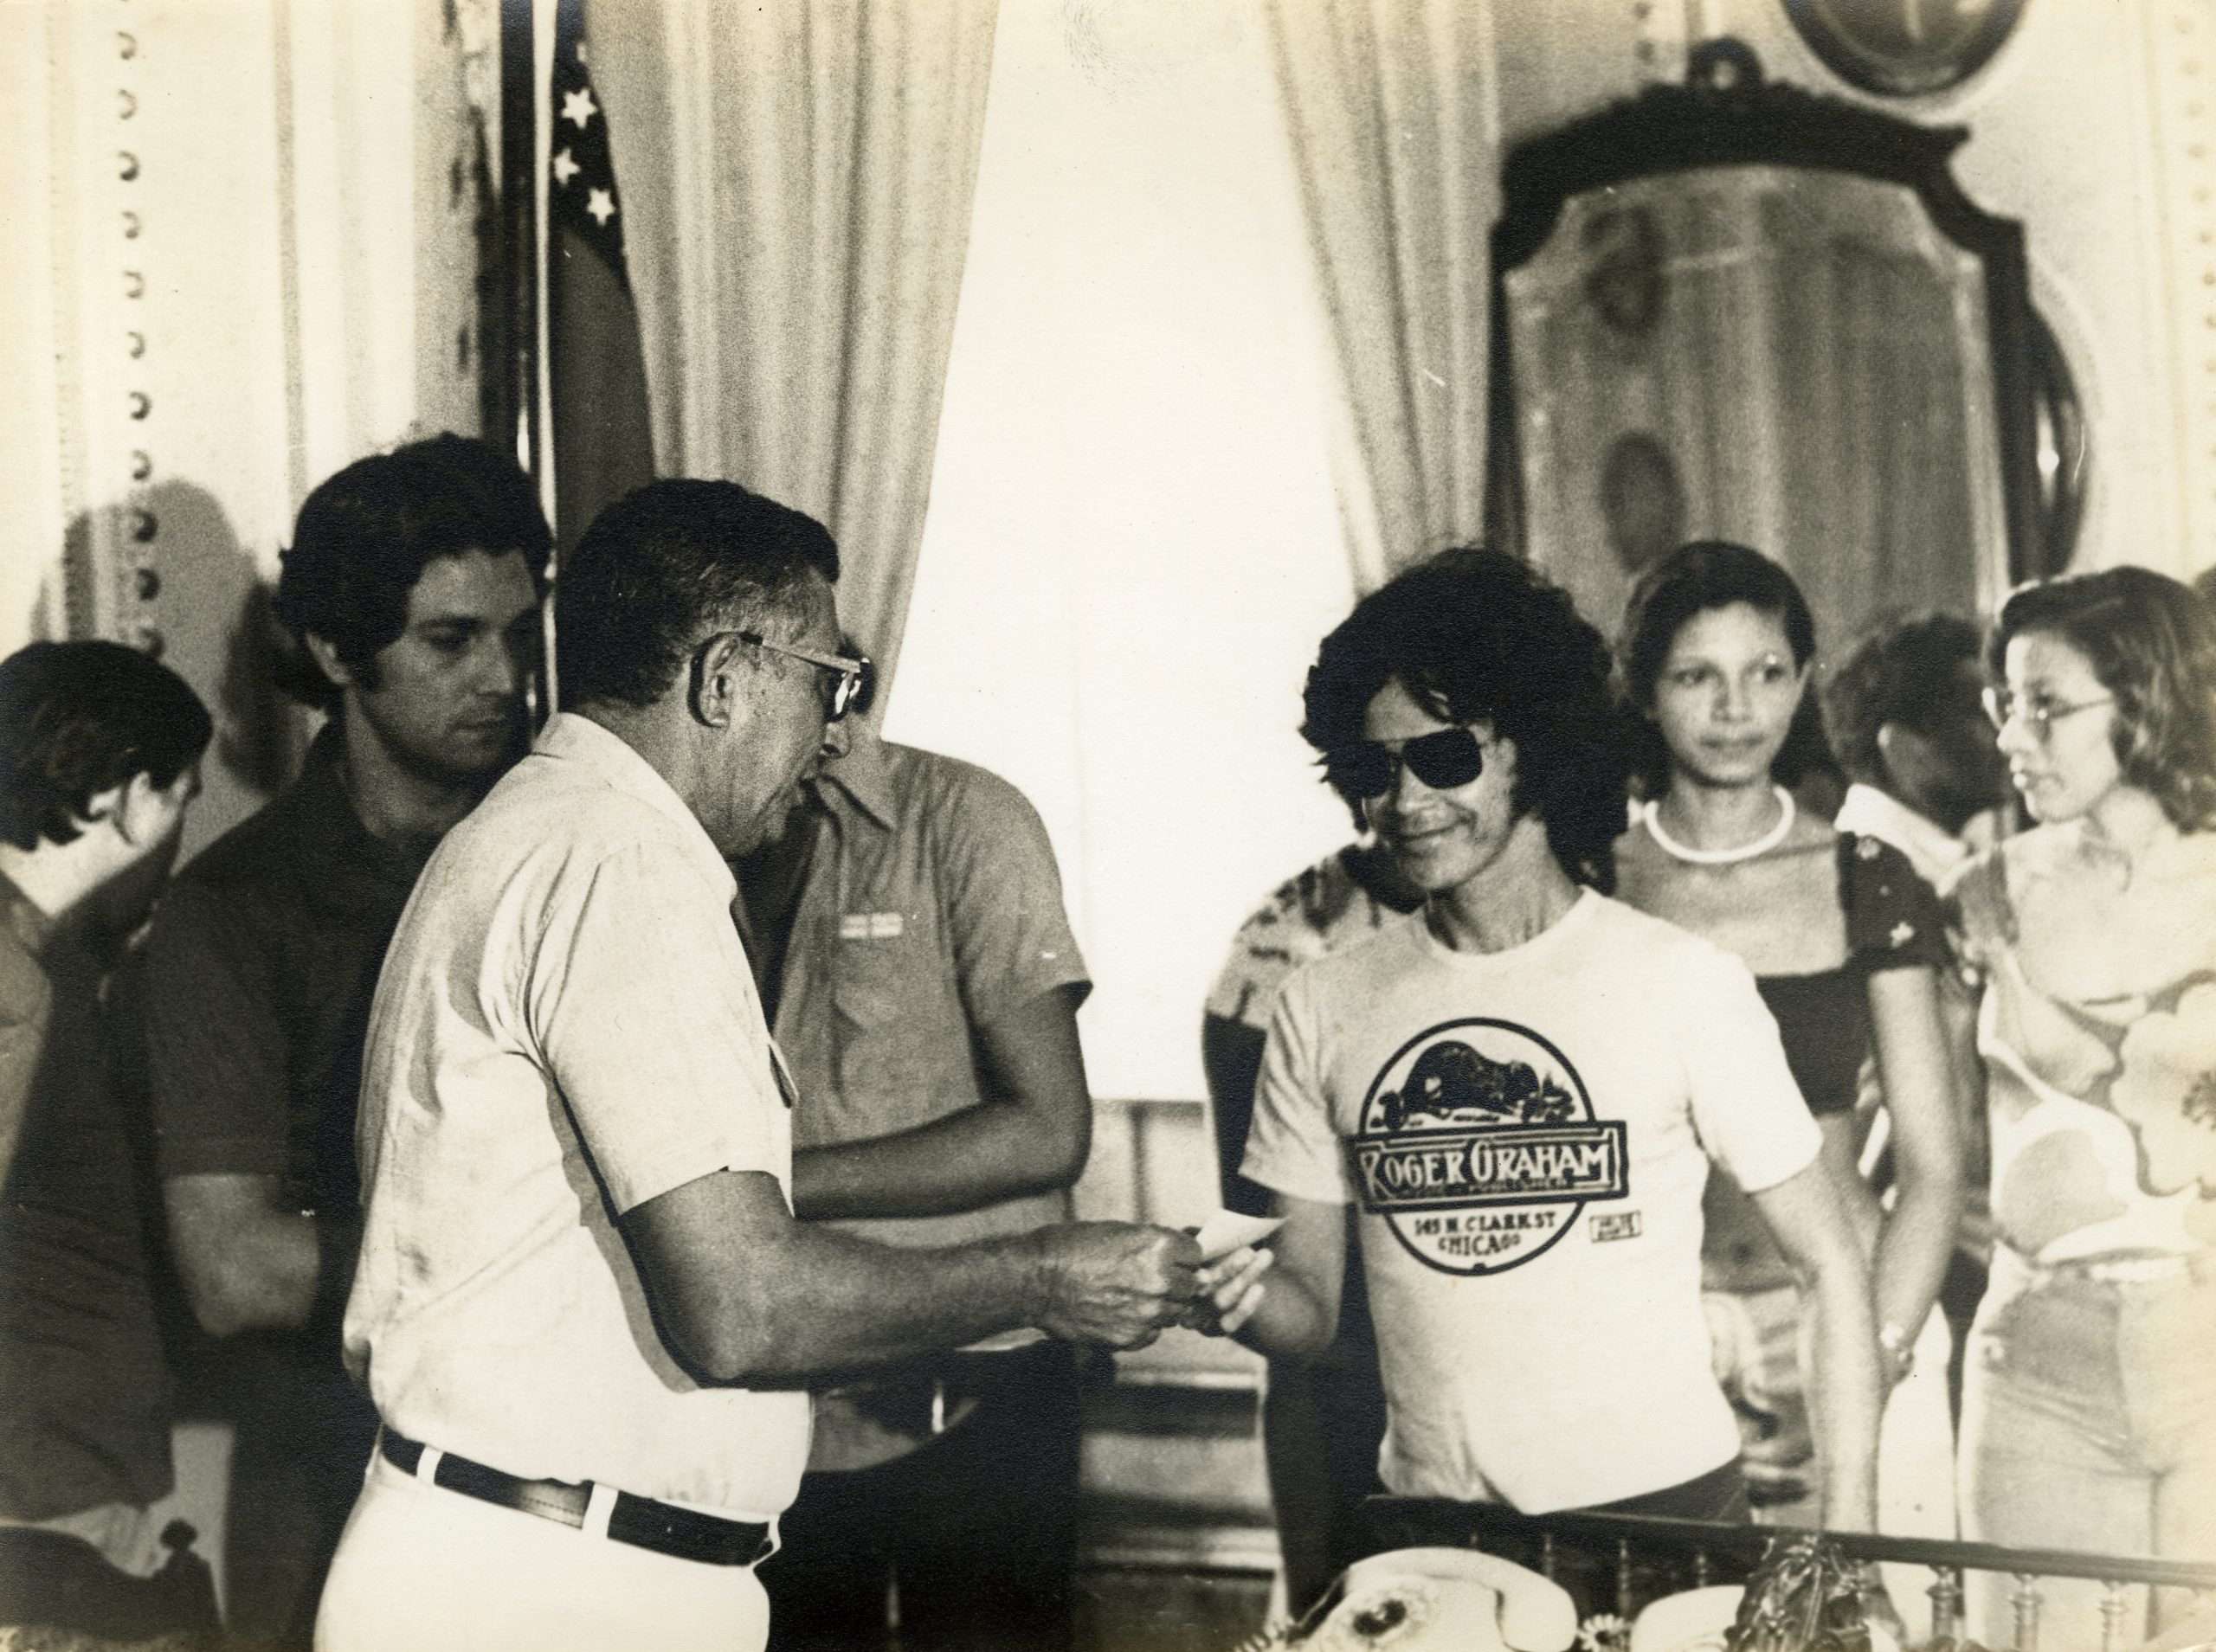 Premiação do carnaval de Manaus em 1977 - Instituto Durango Duarte